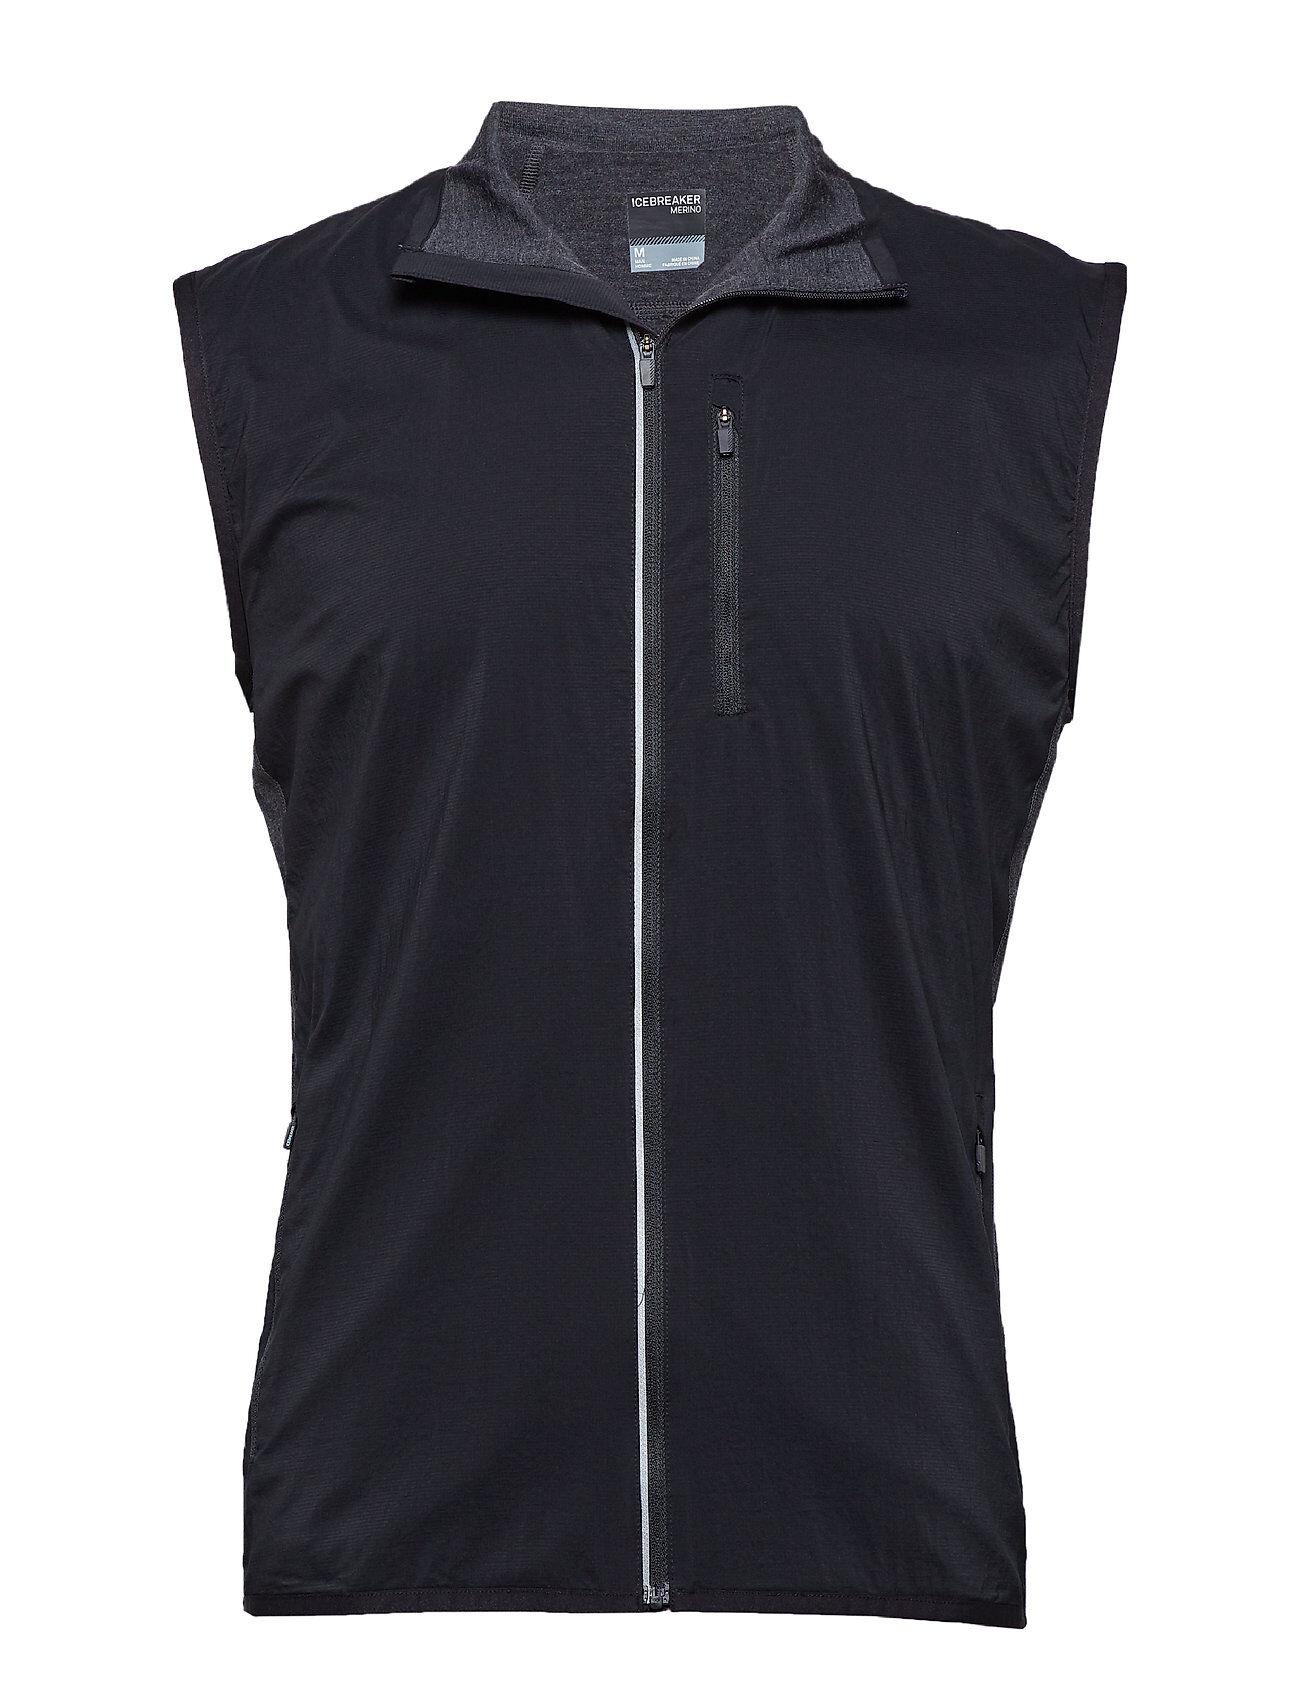 Icebreaker Mens Tech Trainer Hybrid Vest